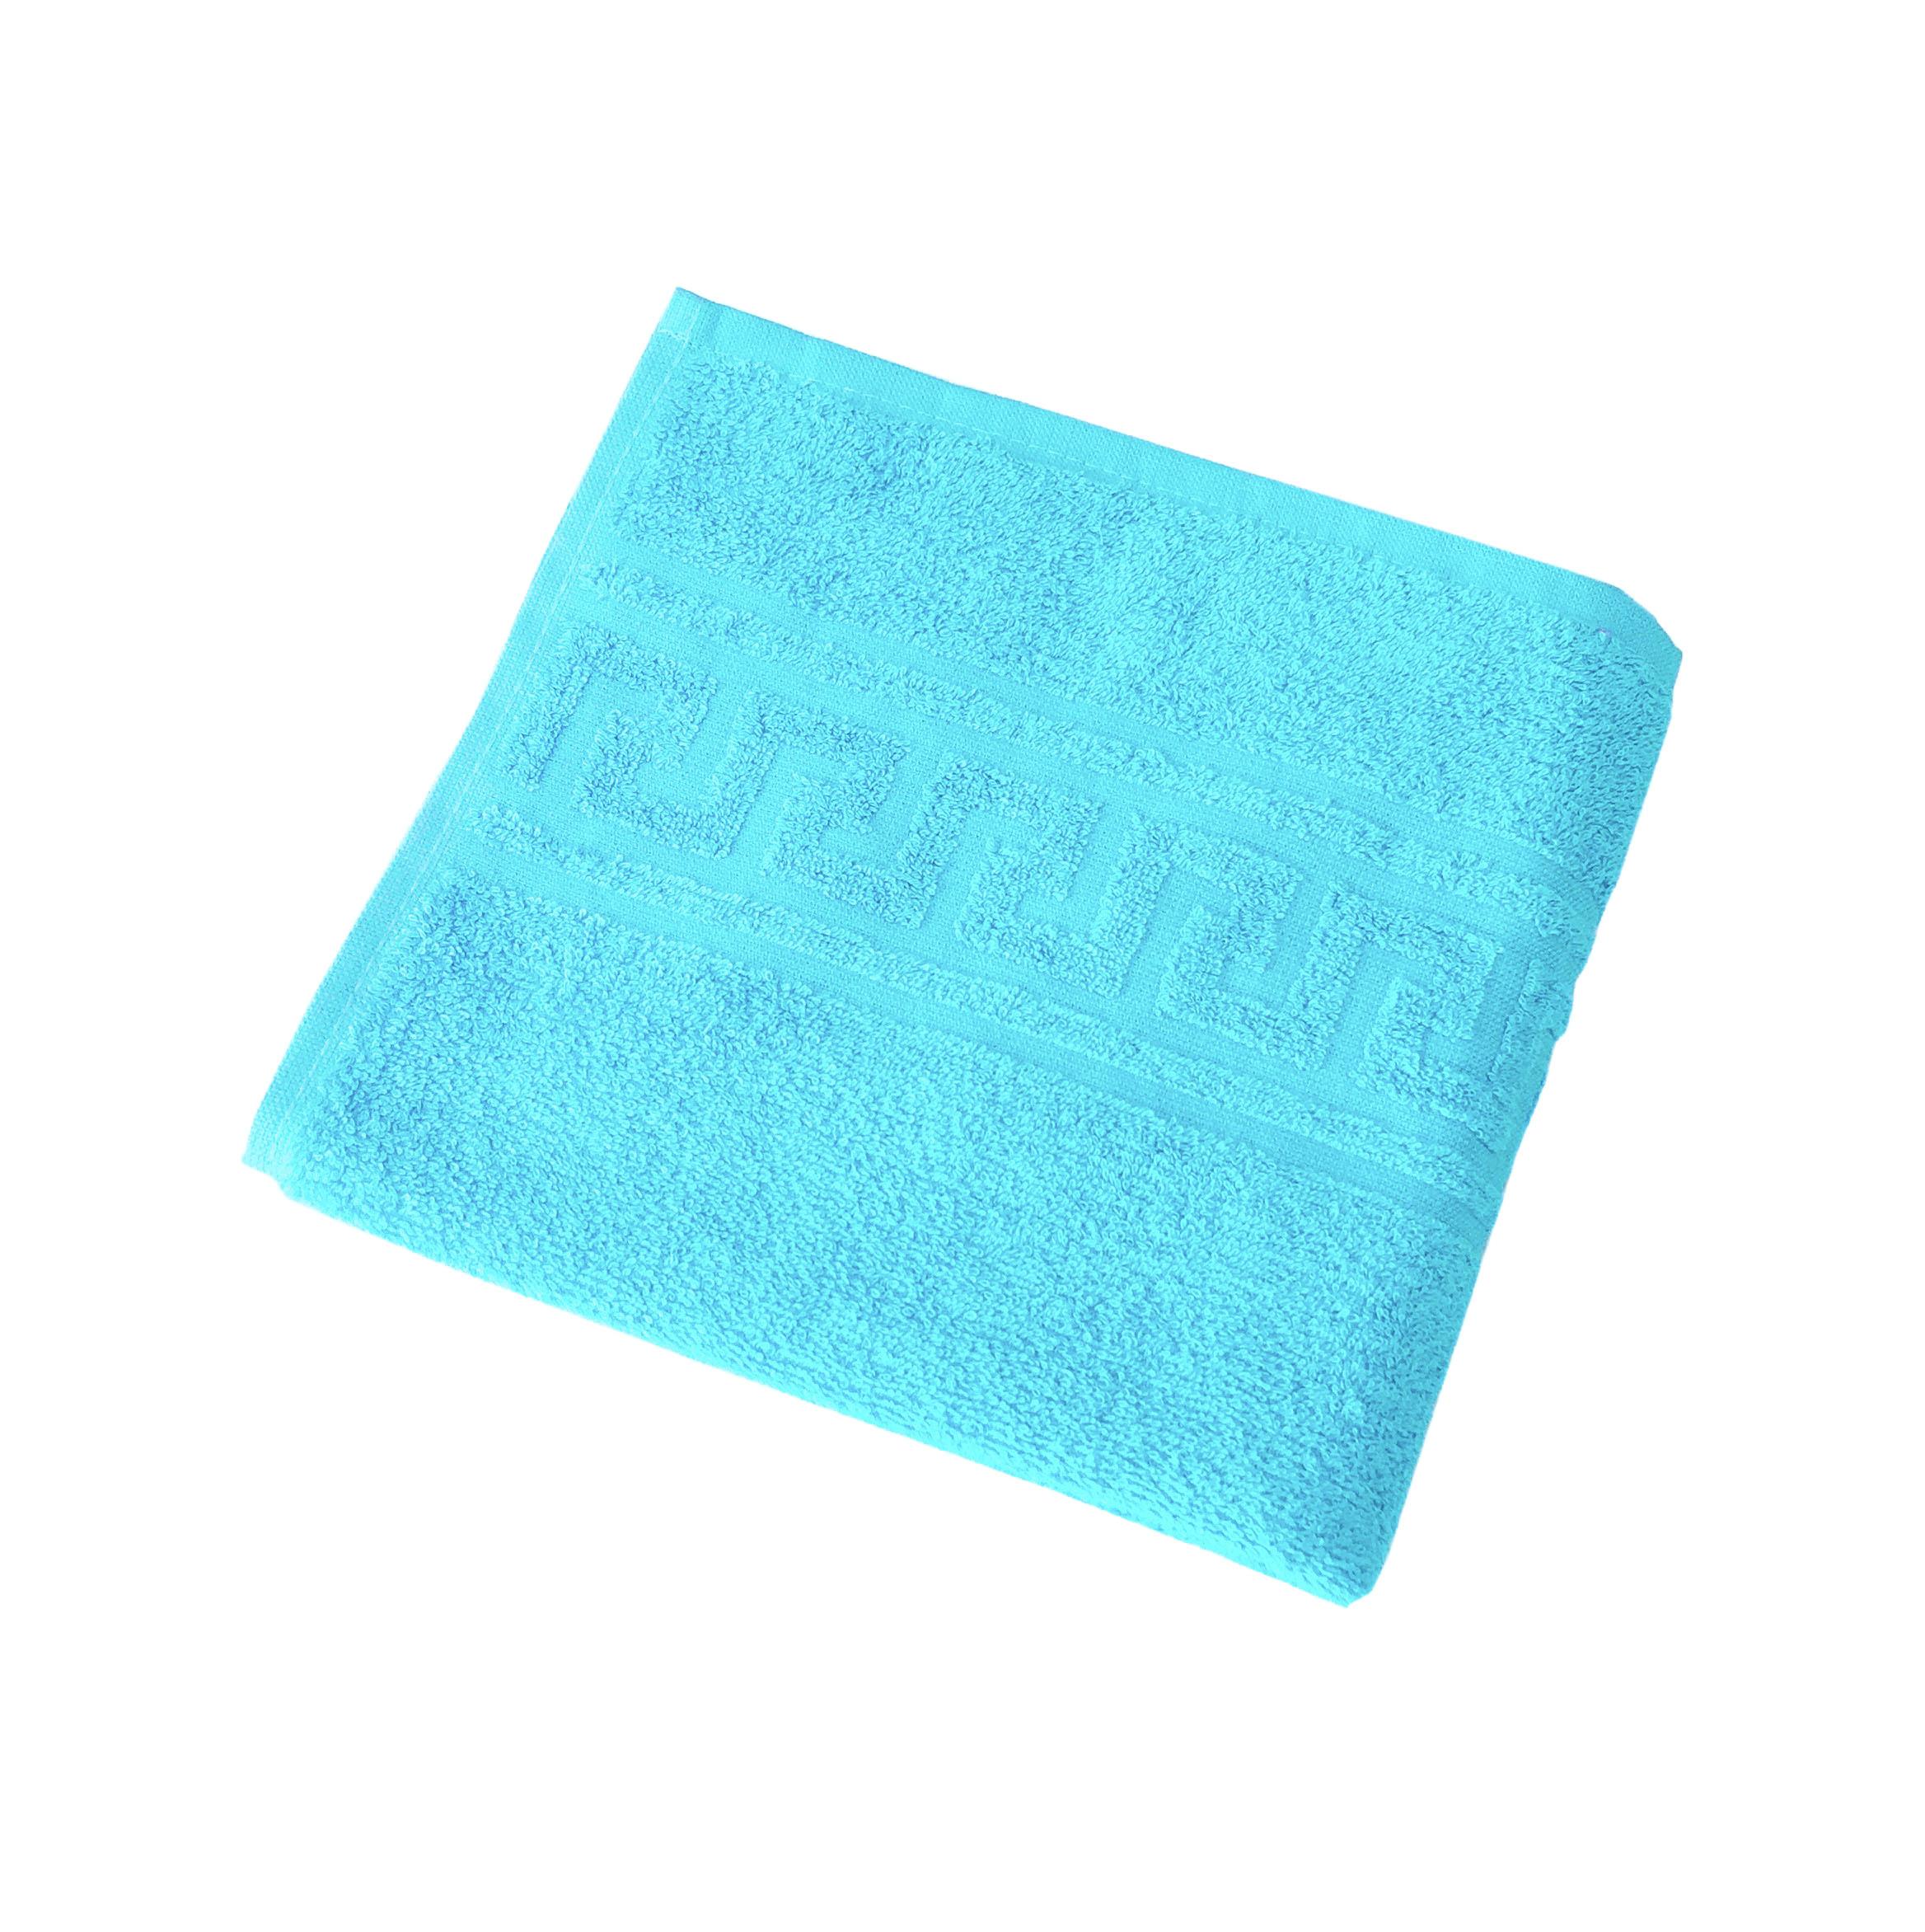 Махровое гладкокрашенное полотенце 50*90 см 380 г/м2 (Ярко-голубой)